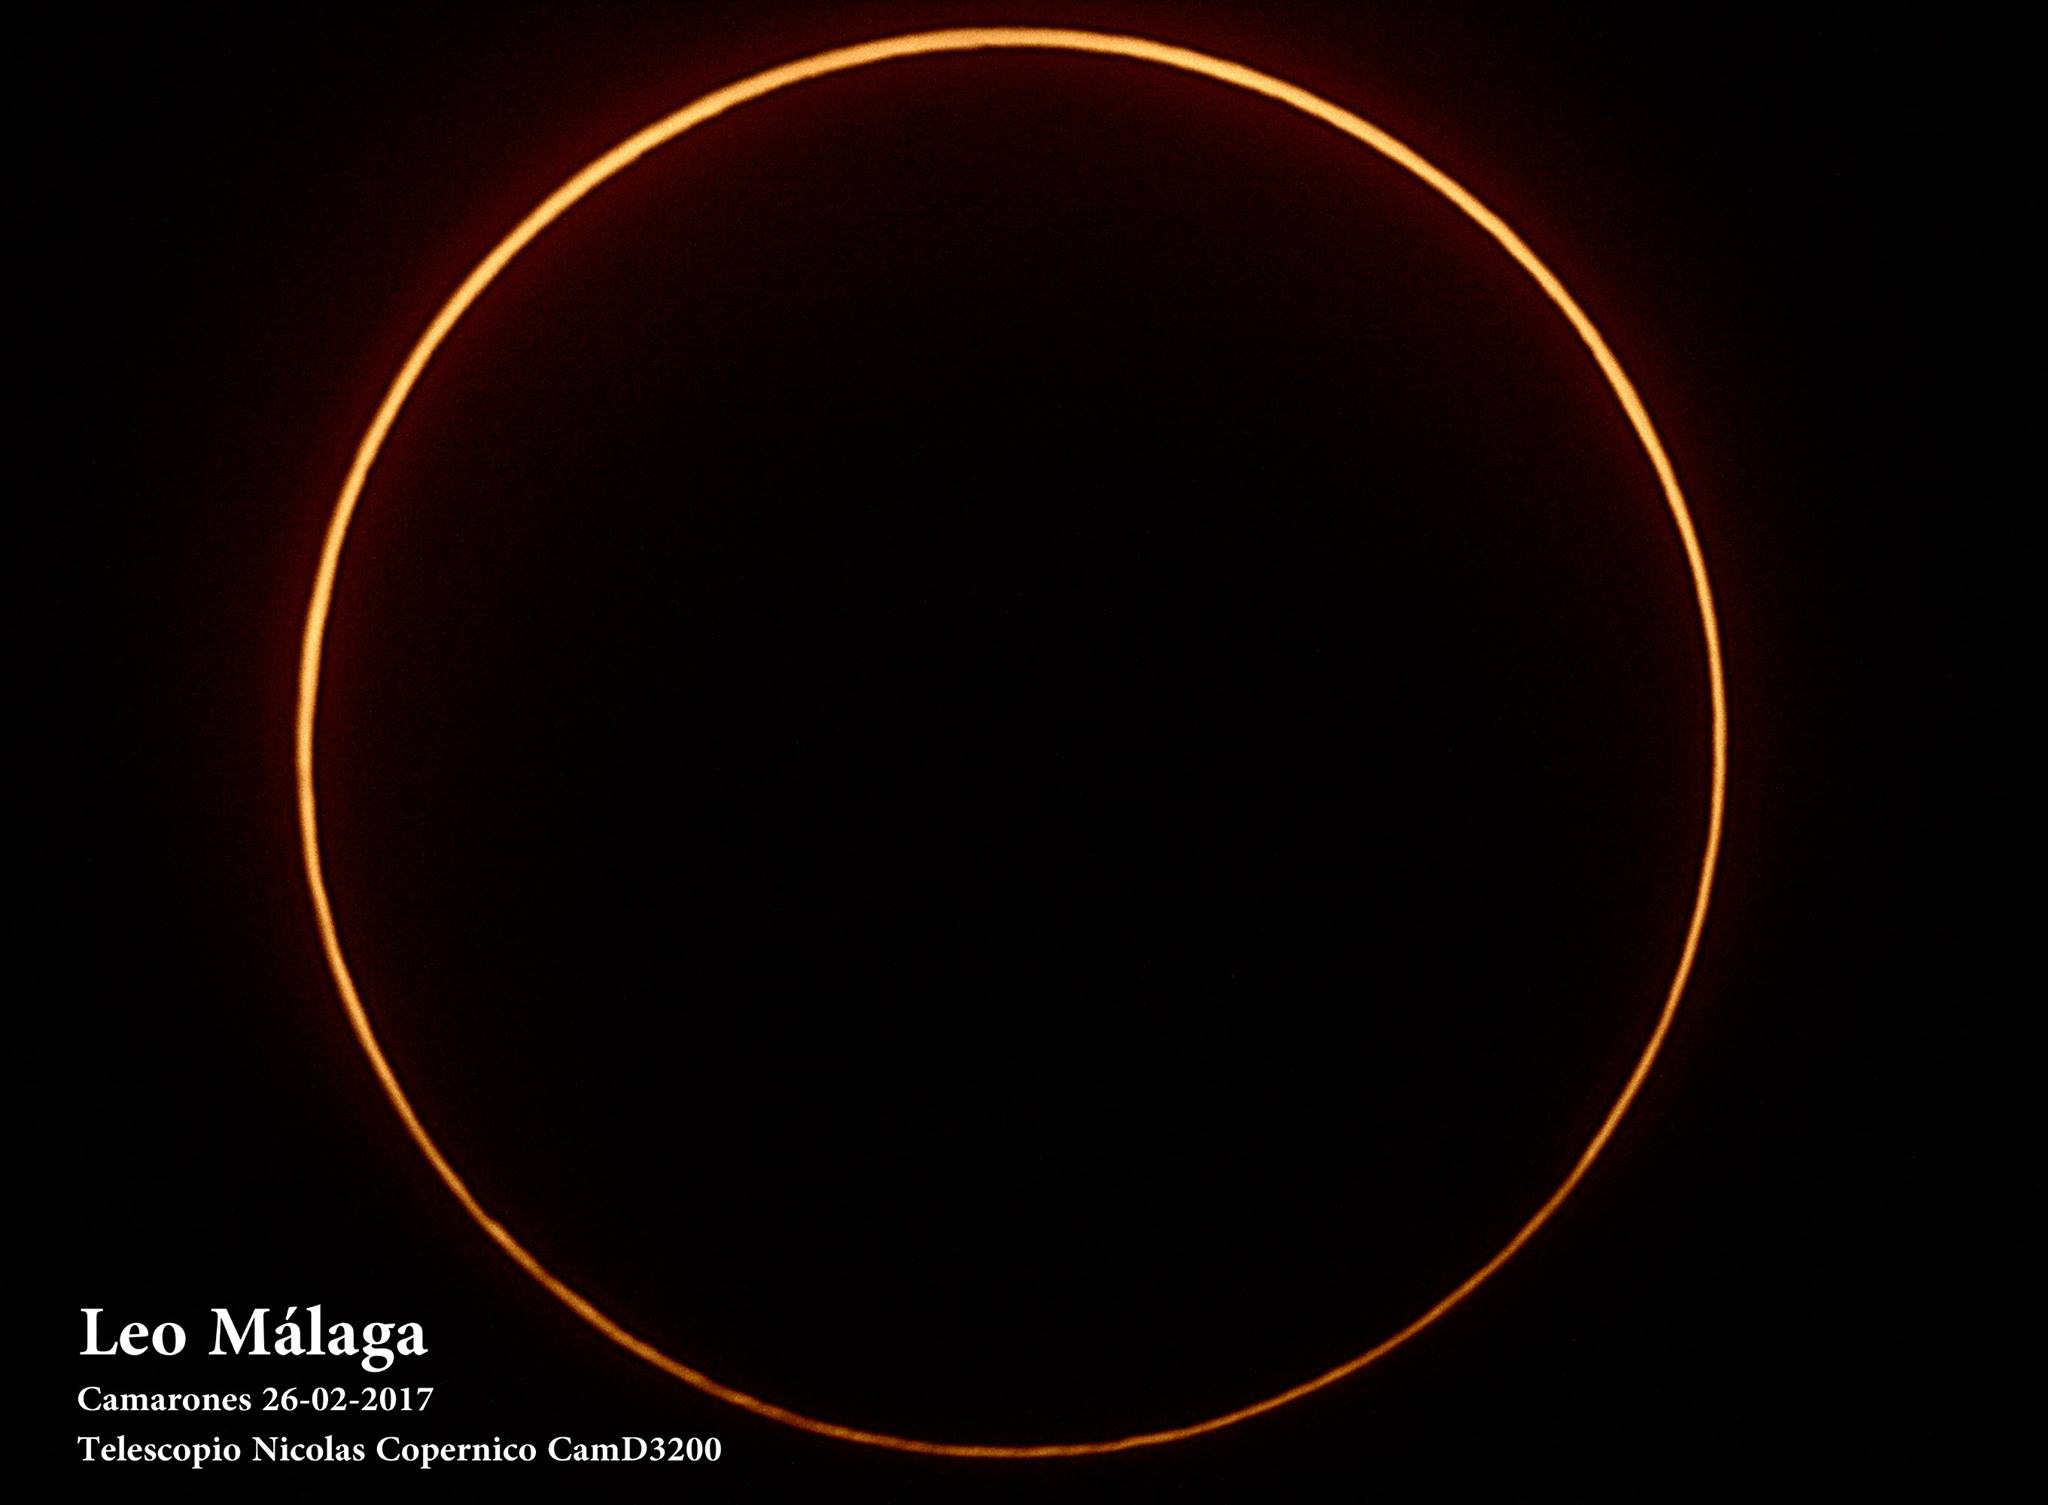 Rumbo al Eclipse, en busca de las sombras de la Patagonia.